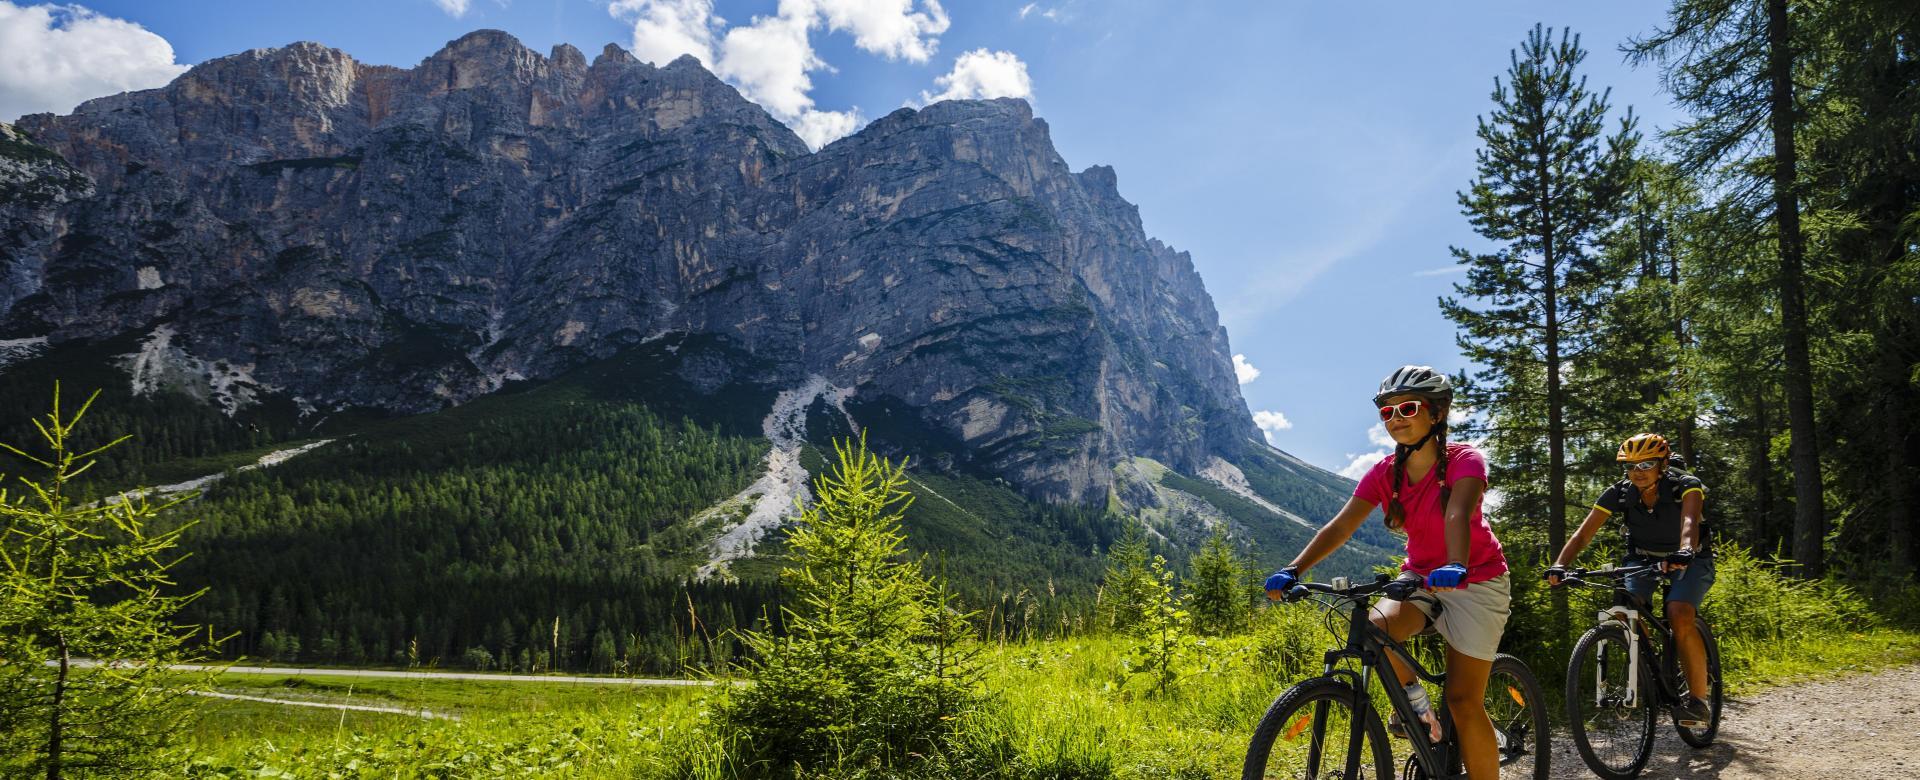 Voyage en véhicule : Les dolomites à vélo en famille